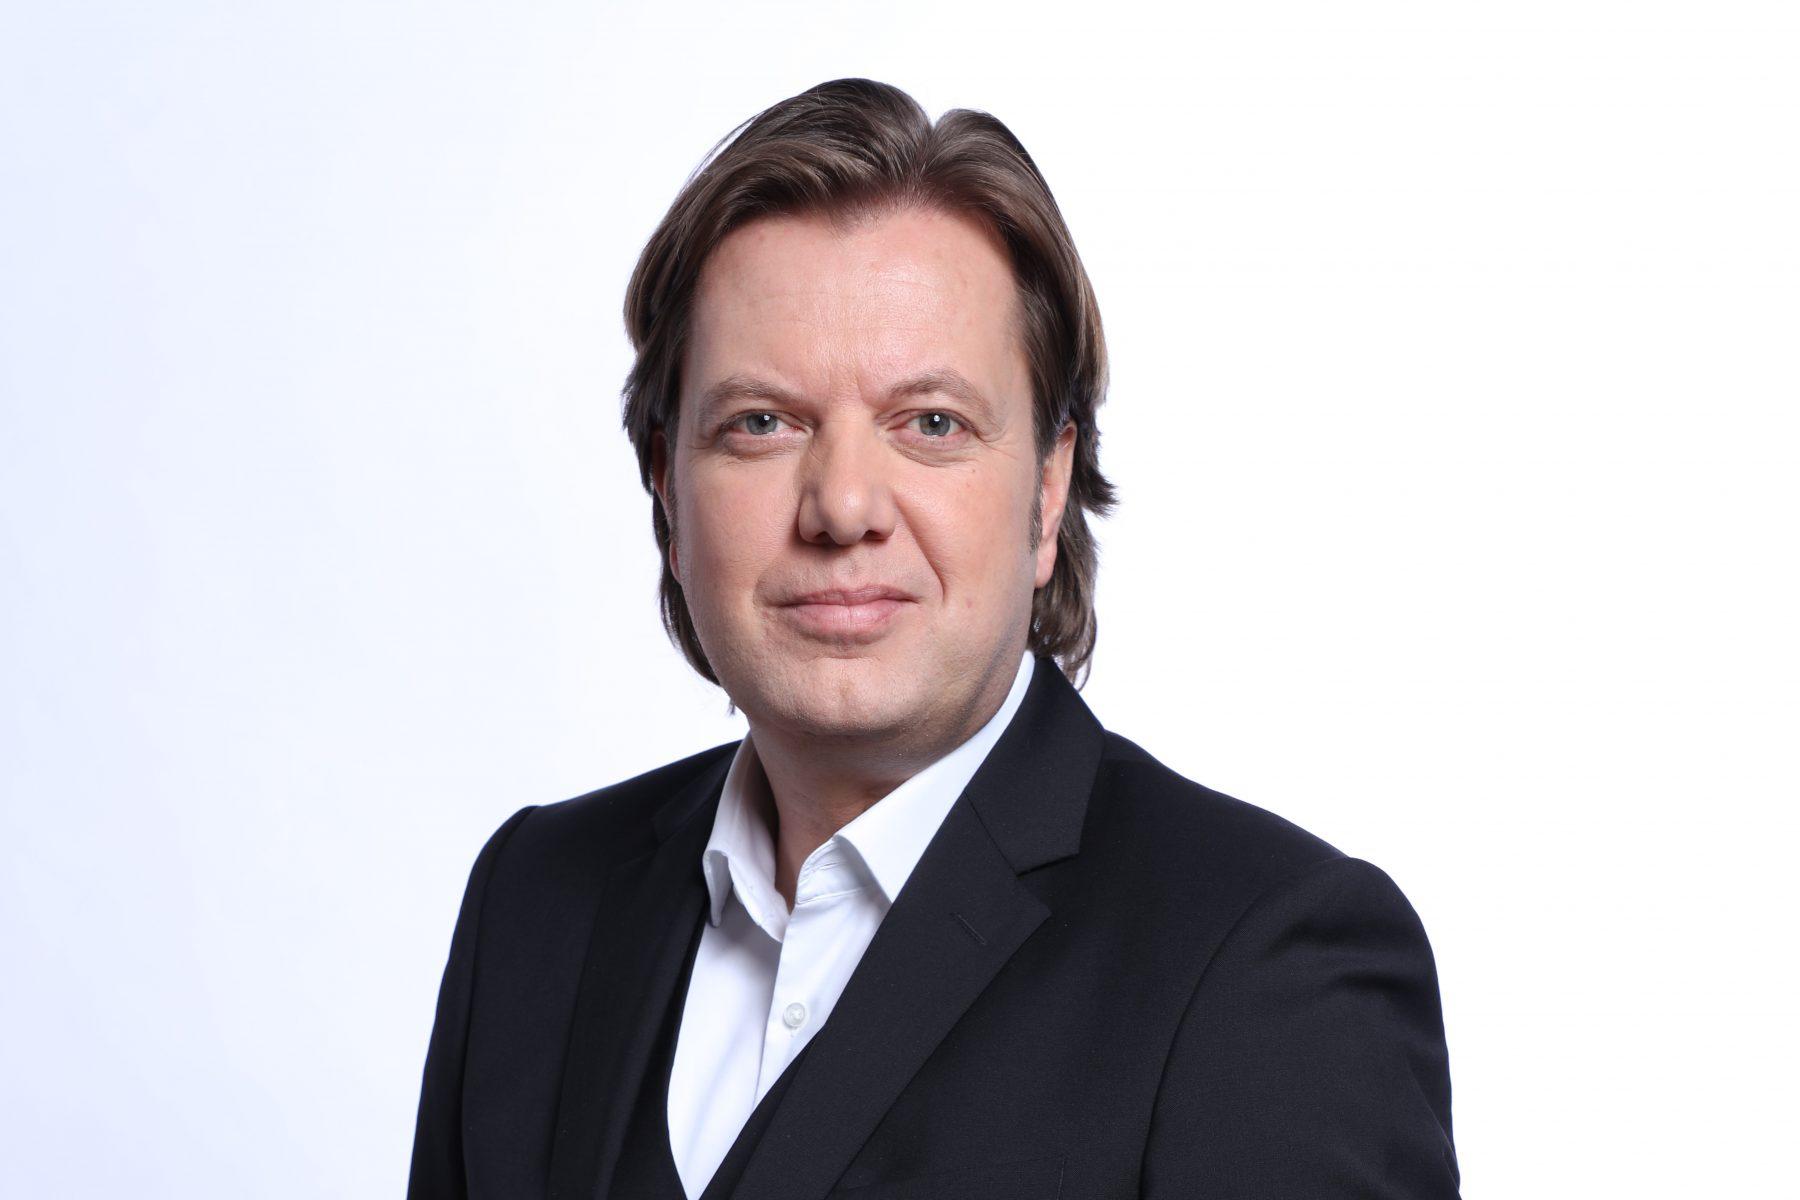 Der Politiker Jens Meyer ist der Spitzenkandidat der FDP für den Wahlkreis Rotherbaum - Harvestehude - Eimsbüttel Ost. Foto: FDP Eimsbüttel